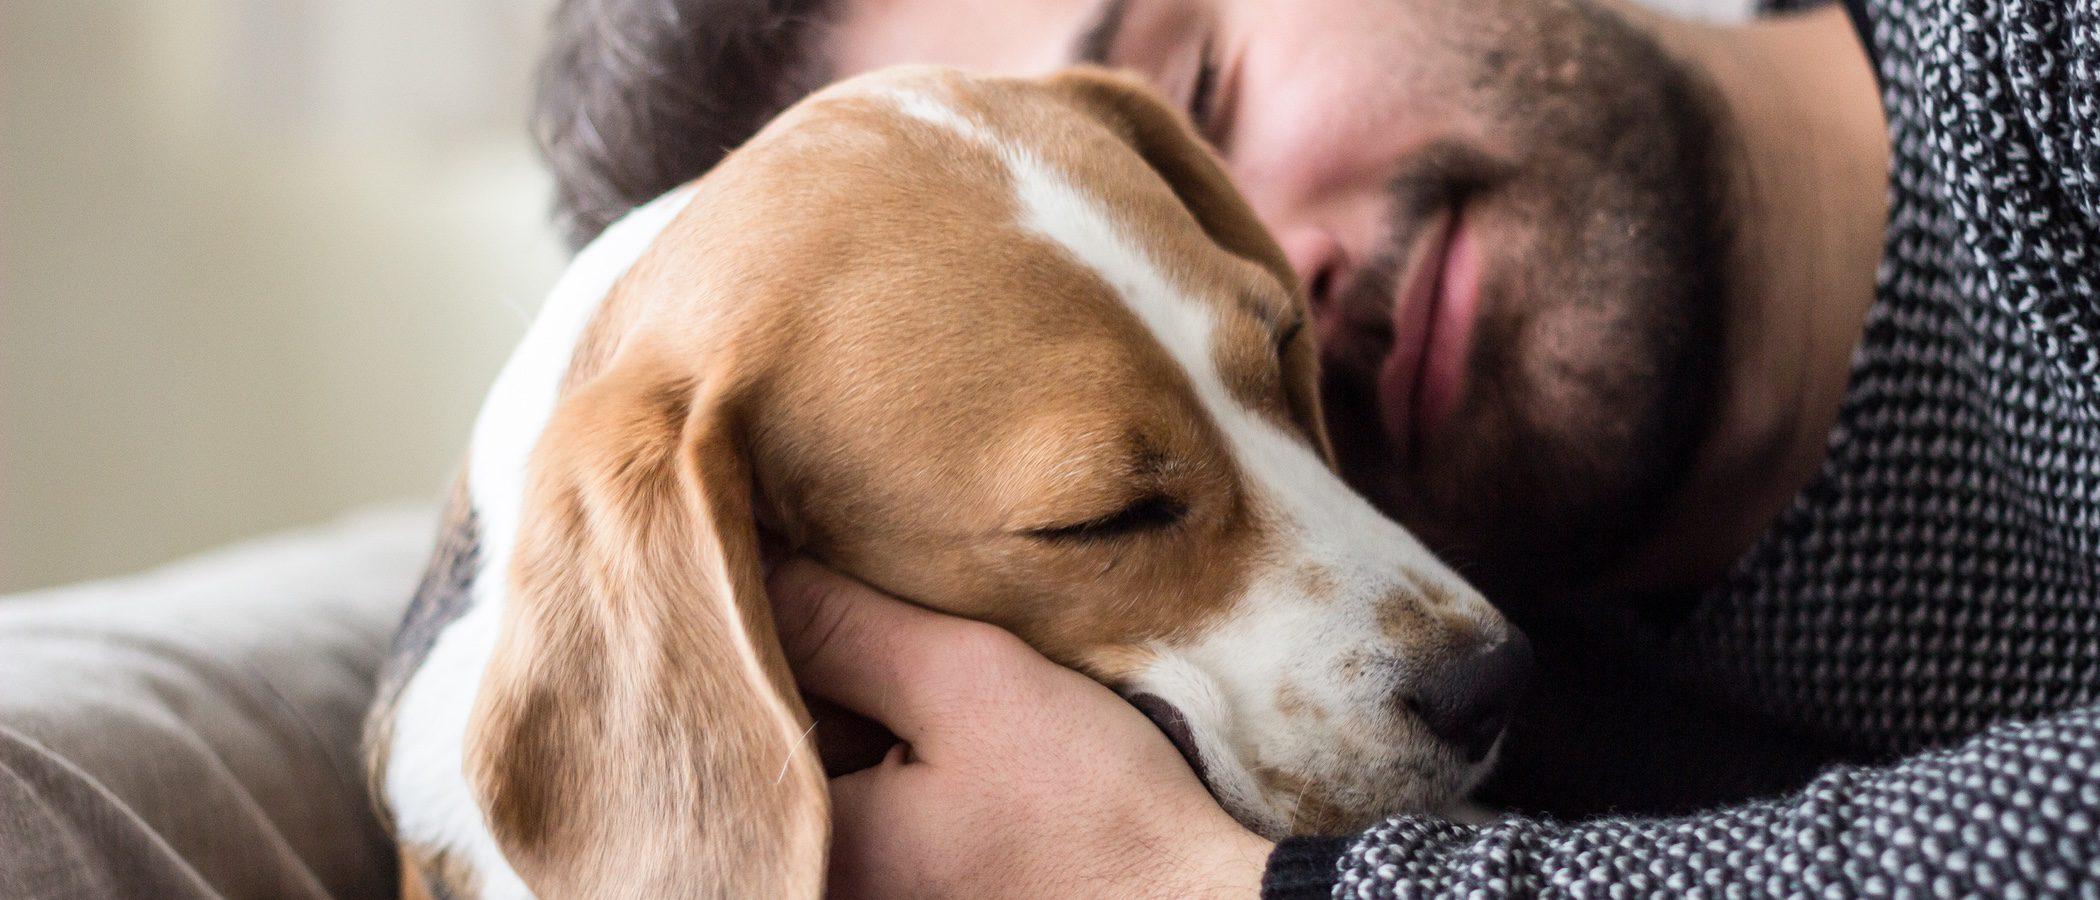 Descubre todo lo que debes saber sobre el embarazo canino